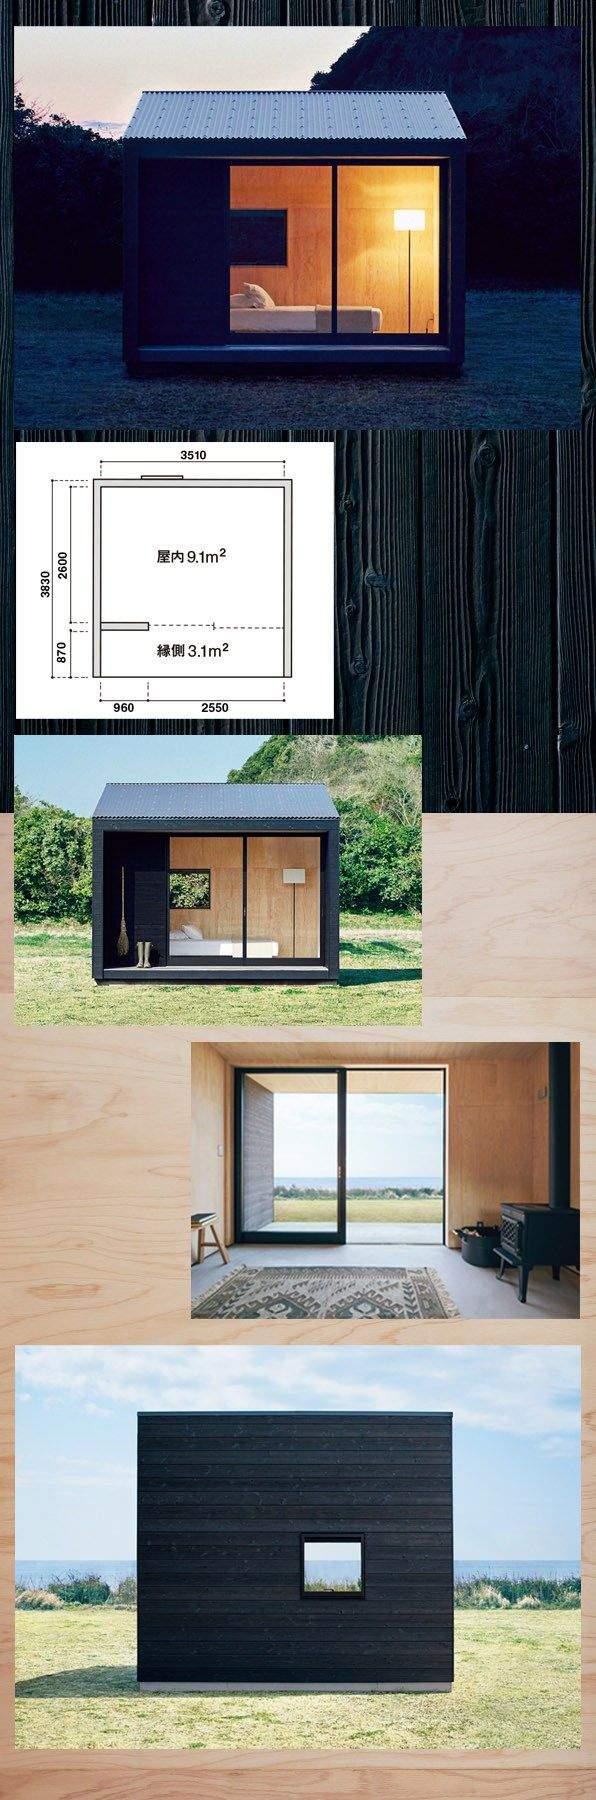 Gewächshaus Garten Frisch 291 Besten Small House Bilder Auf Pinterest